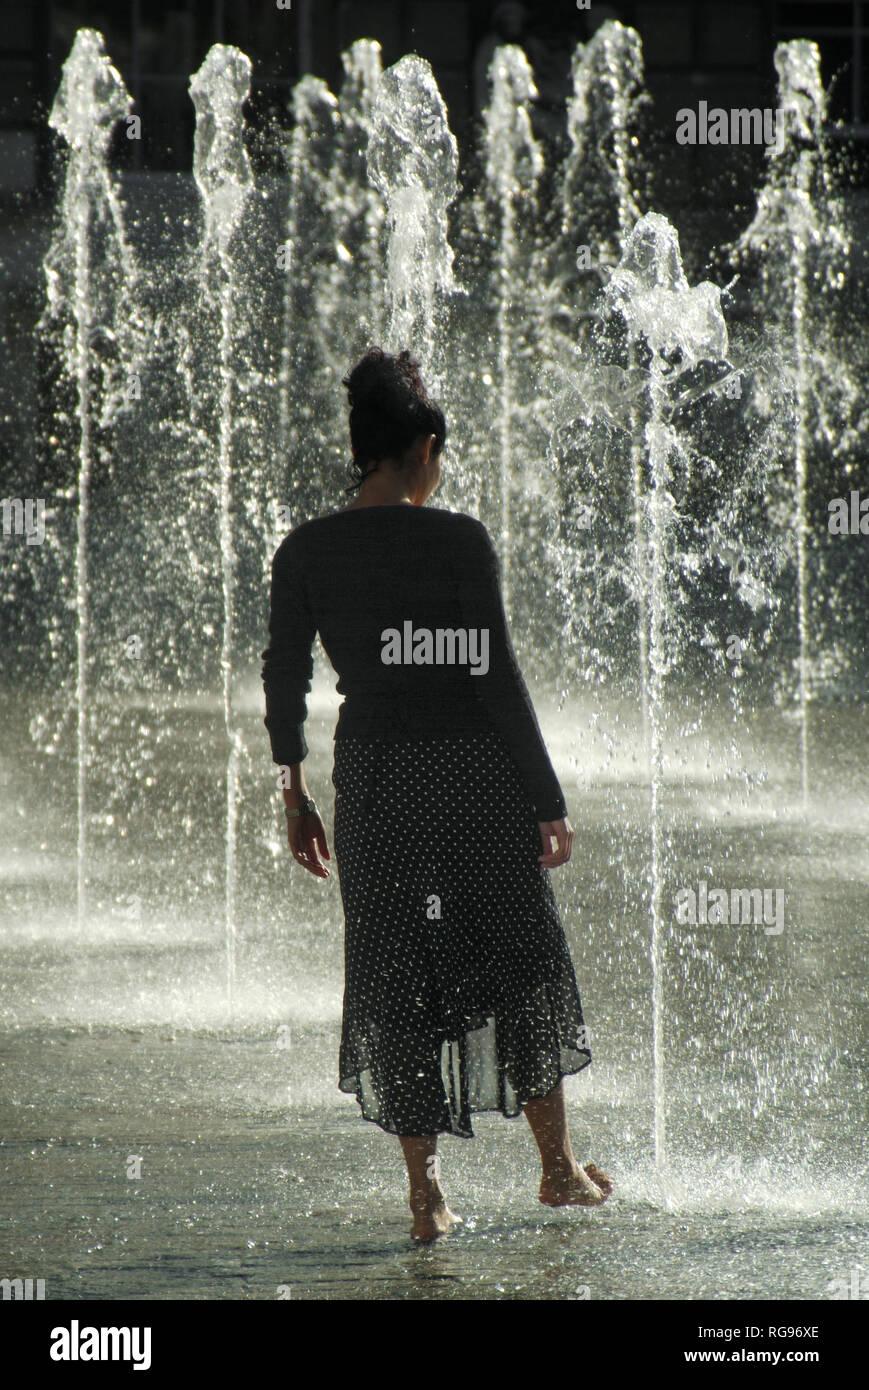 Concetto di test e la convergenza di immersione in acqua della caratteristica fontana silhouette vista posteriore alto giovani donna divertente il raffreddamento calda estate meteo Londra Inghilterra REGNO UNITO Immagini Stock